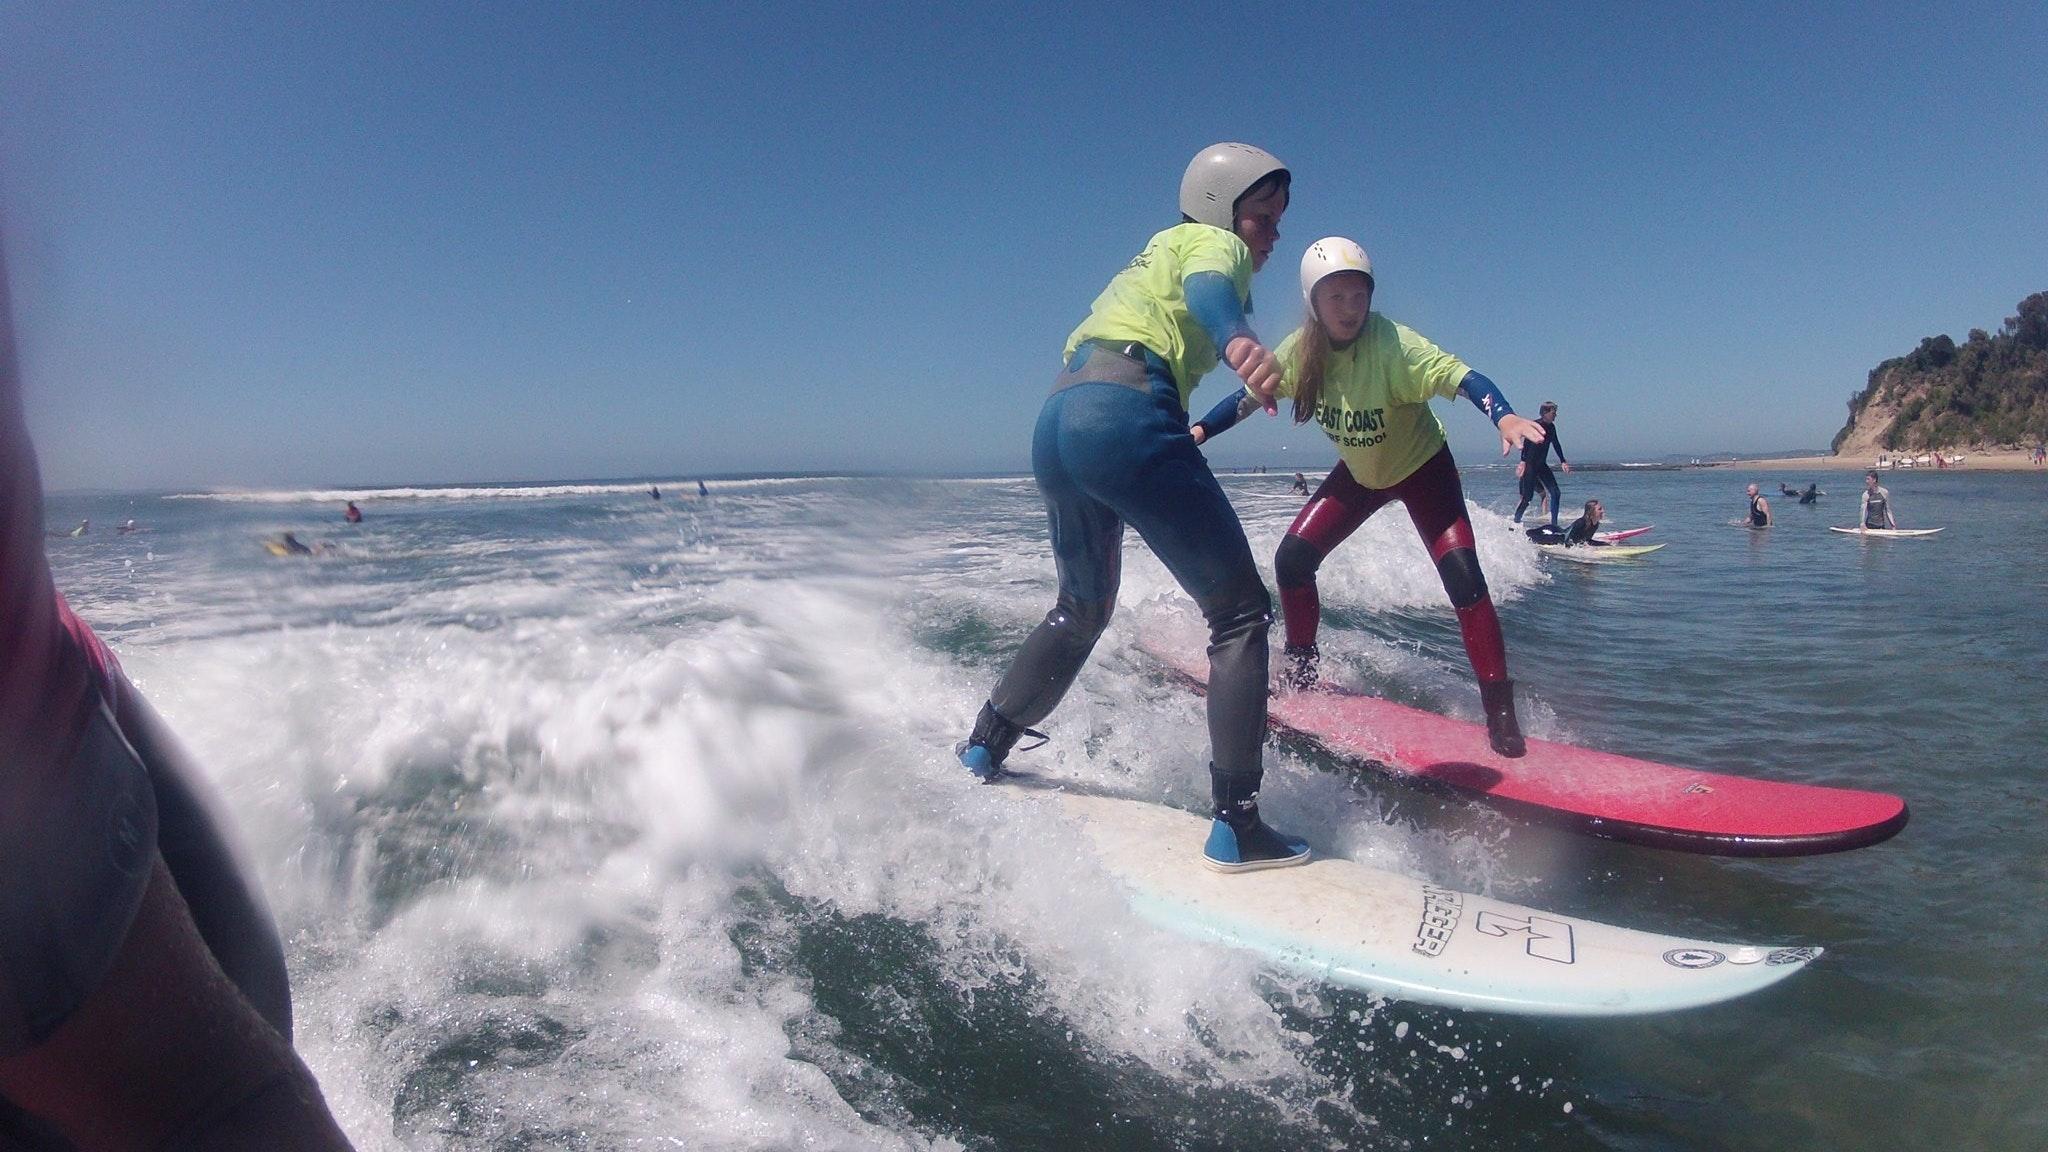 East Coast Surf School